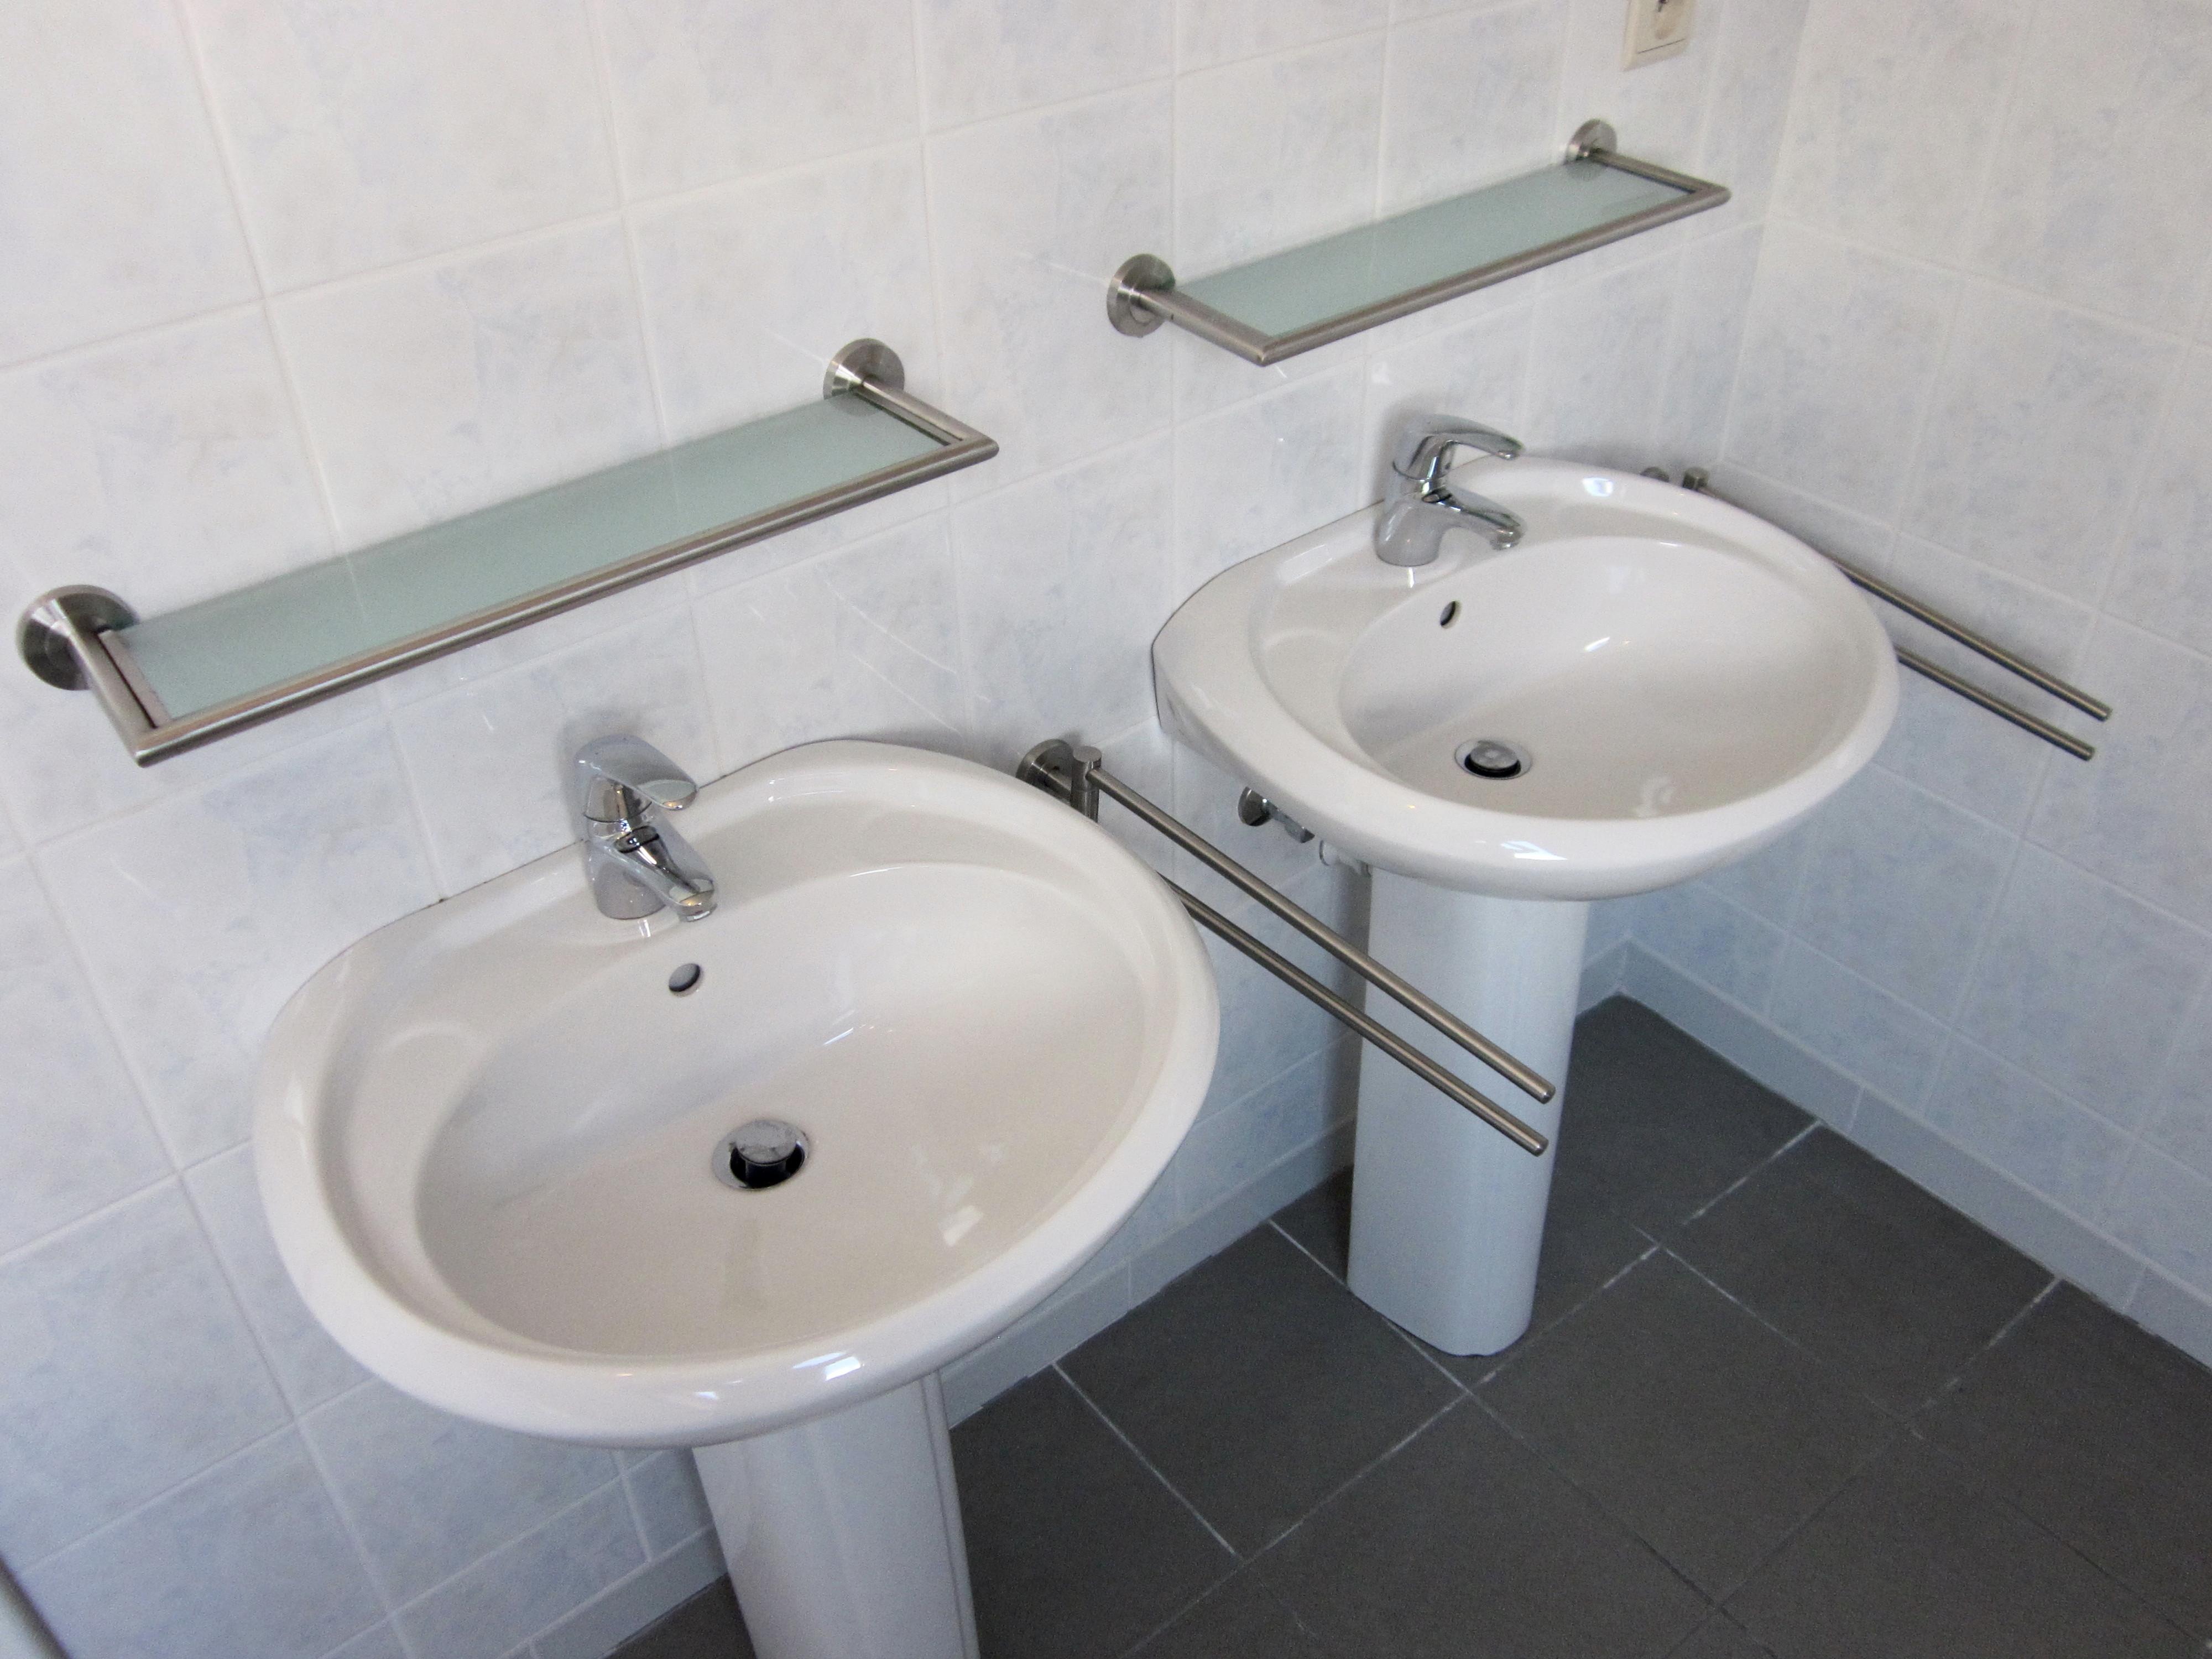 PRINSESTRAAT 1A - dubbele lavabo met handdoekrek - kopie